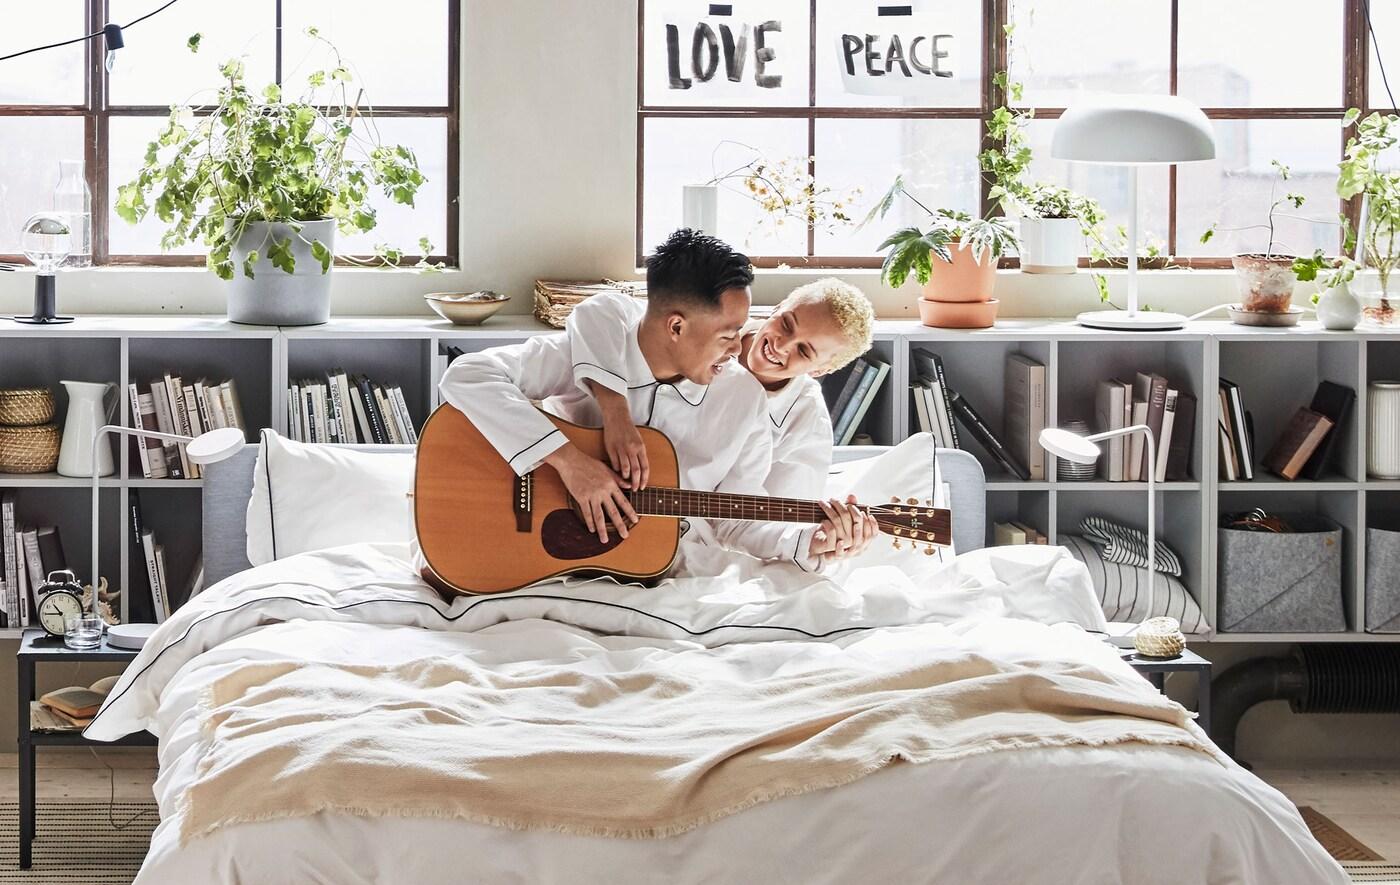 Pari soittaa sängyllä kitaraa teollisuustyylisessä loft-asunnossa.